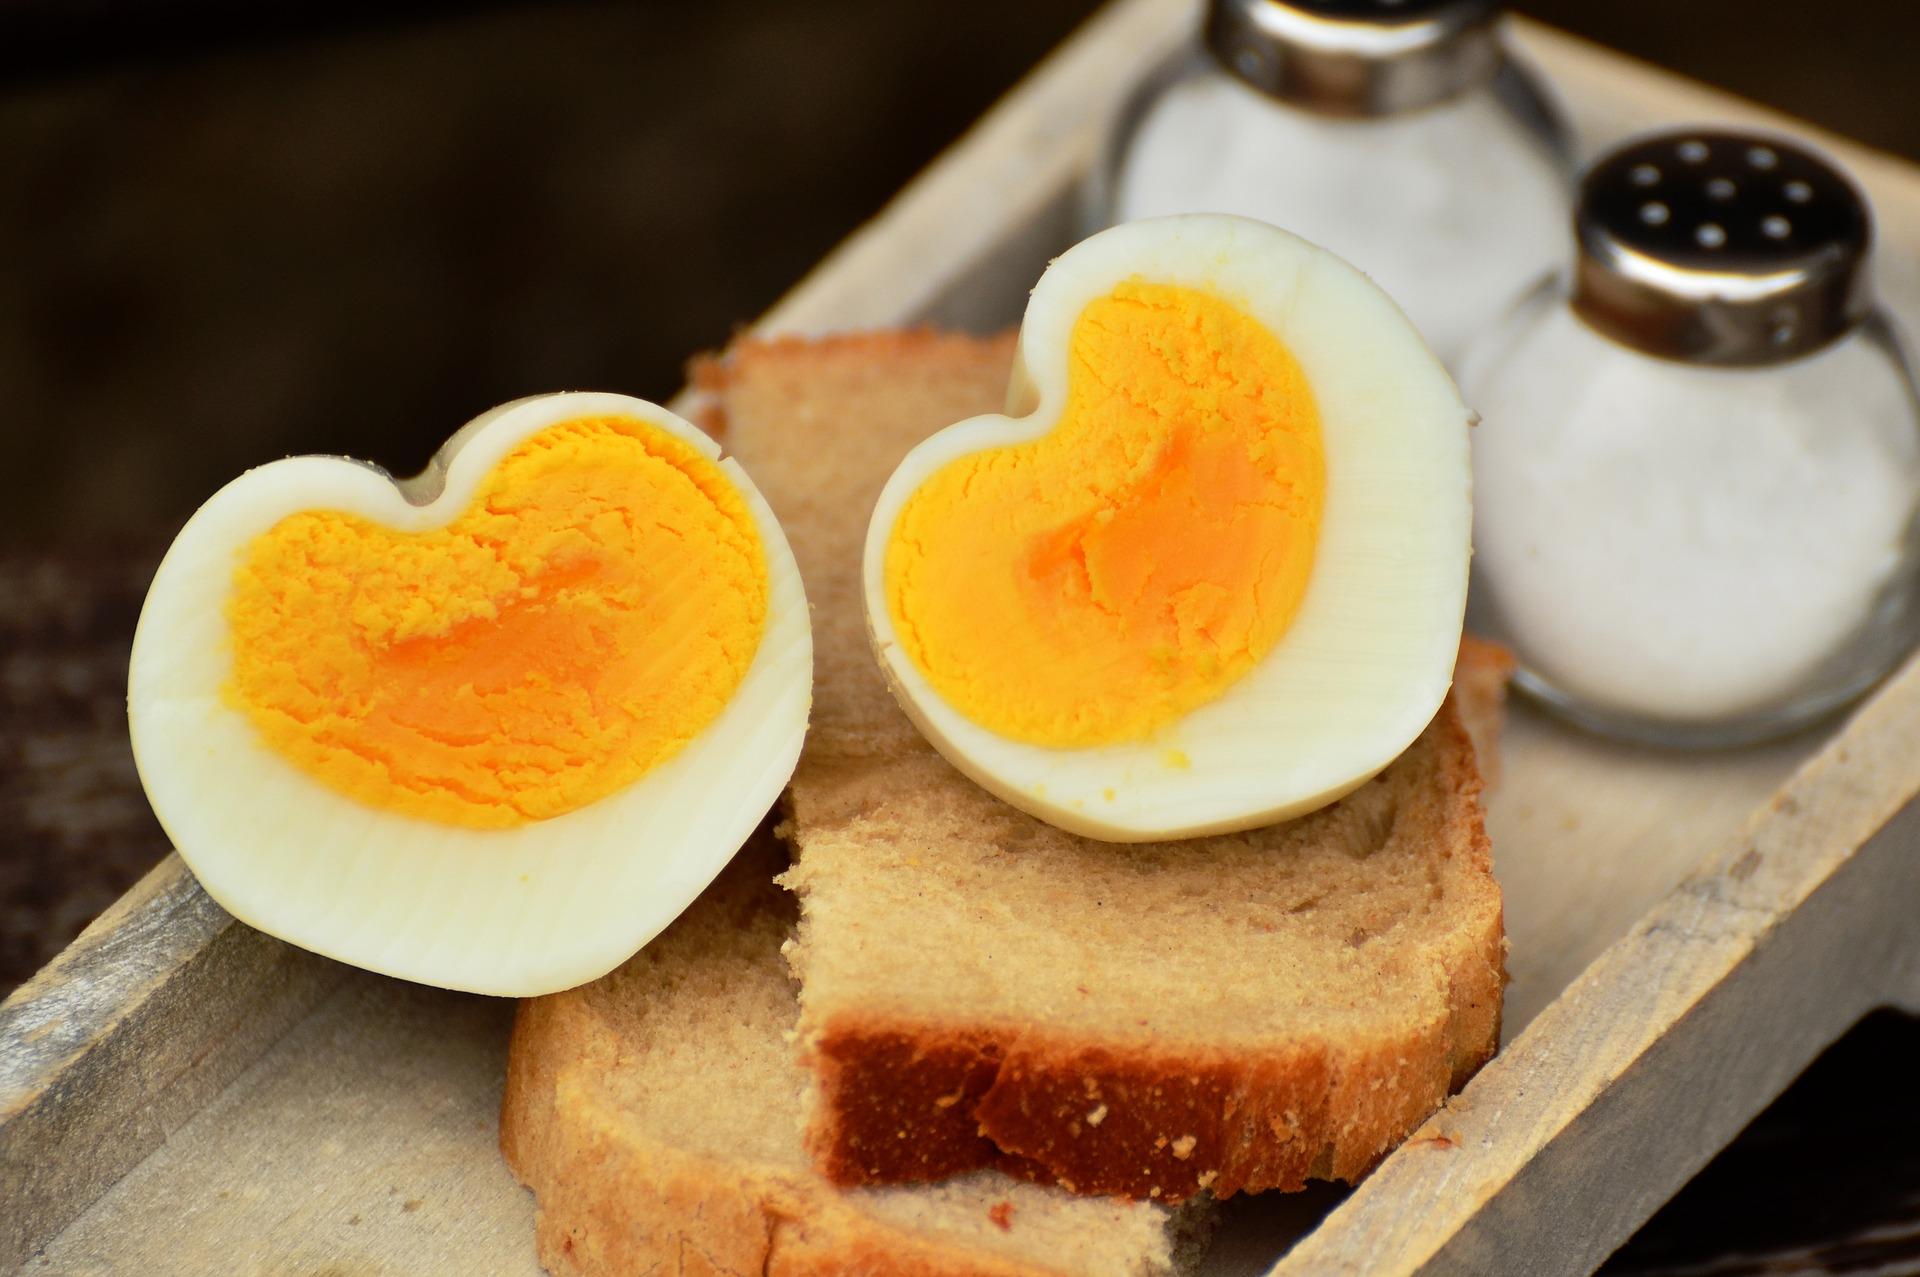 Uovo sodo a forma di cuore per la dieta dell'uovo